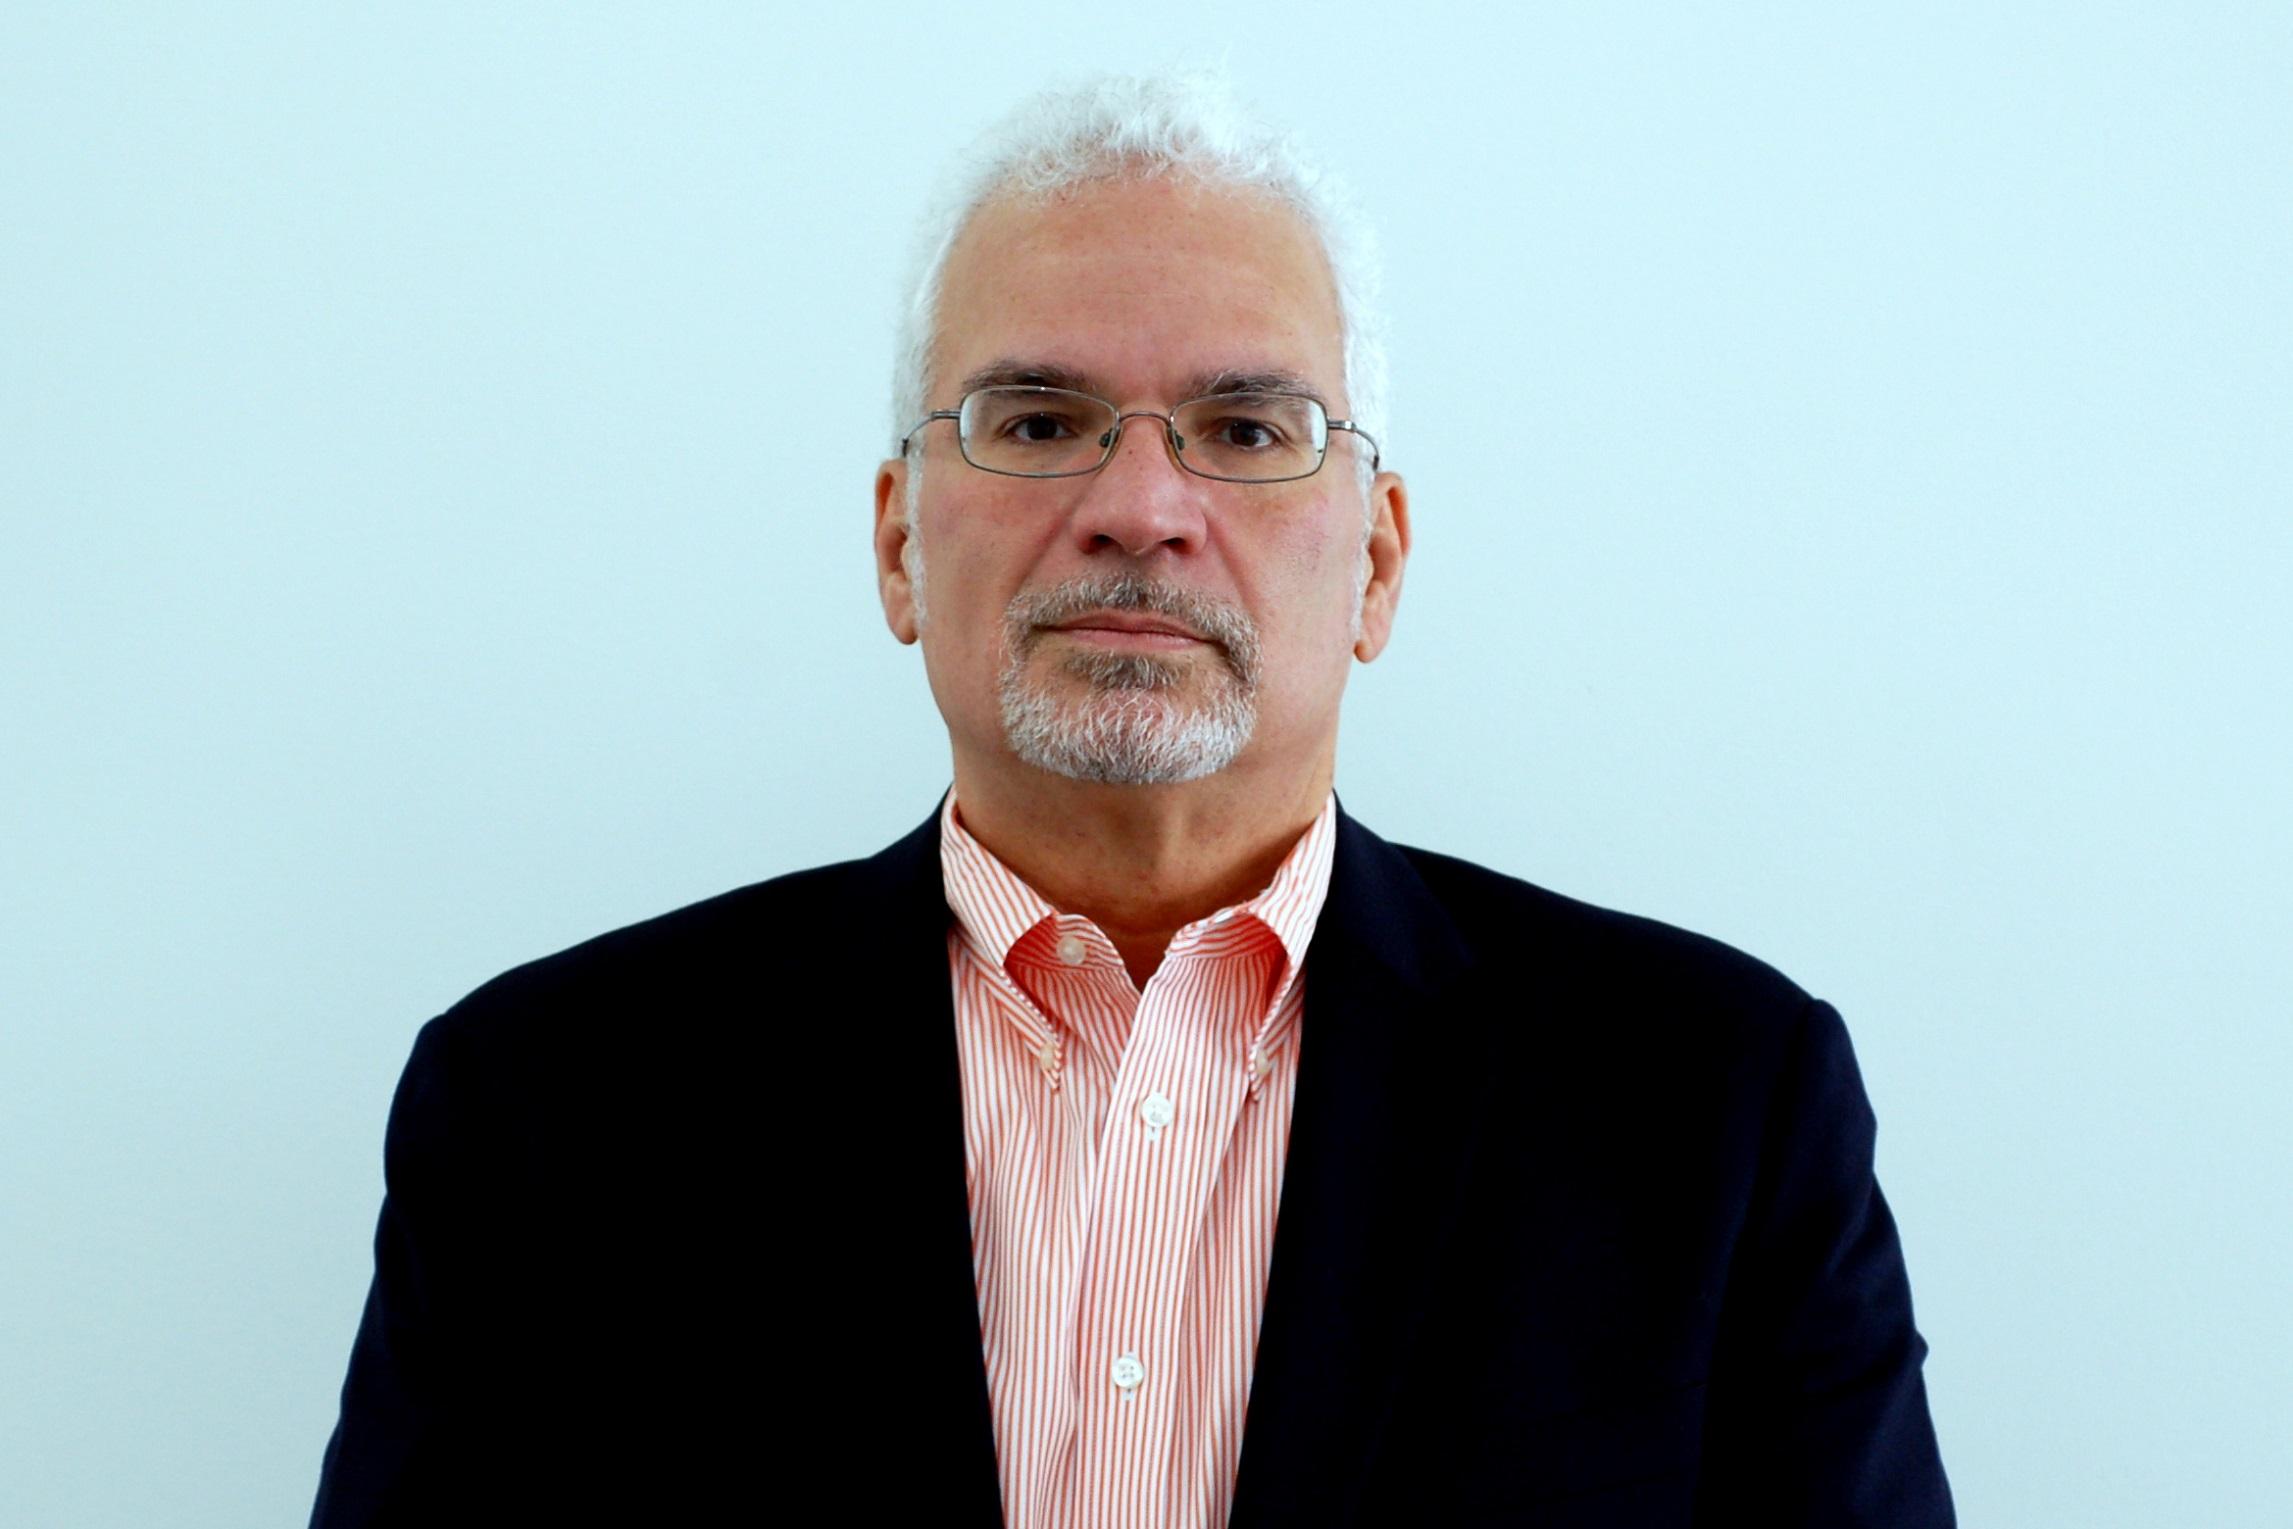 Photo of Dario D. D. DiMare